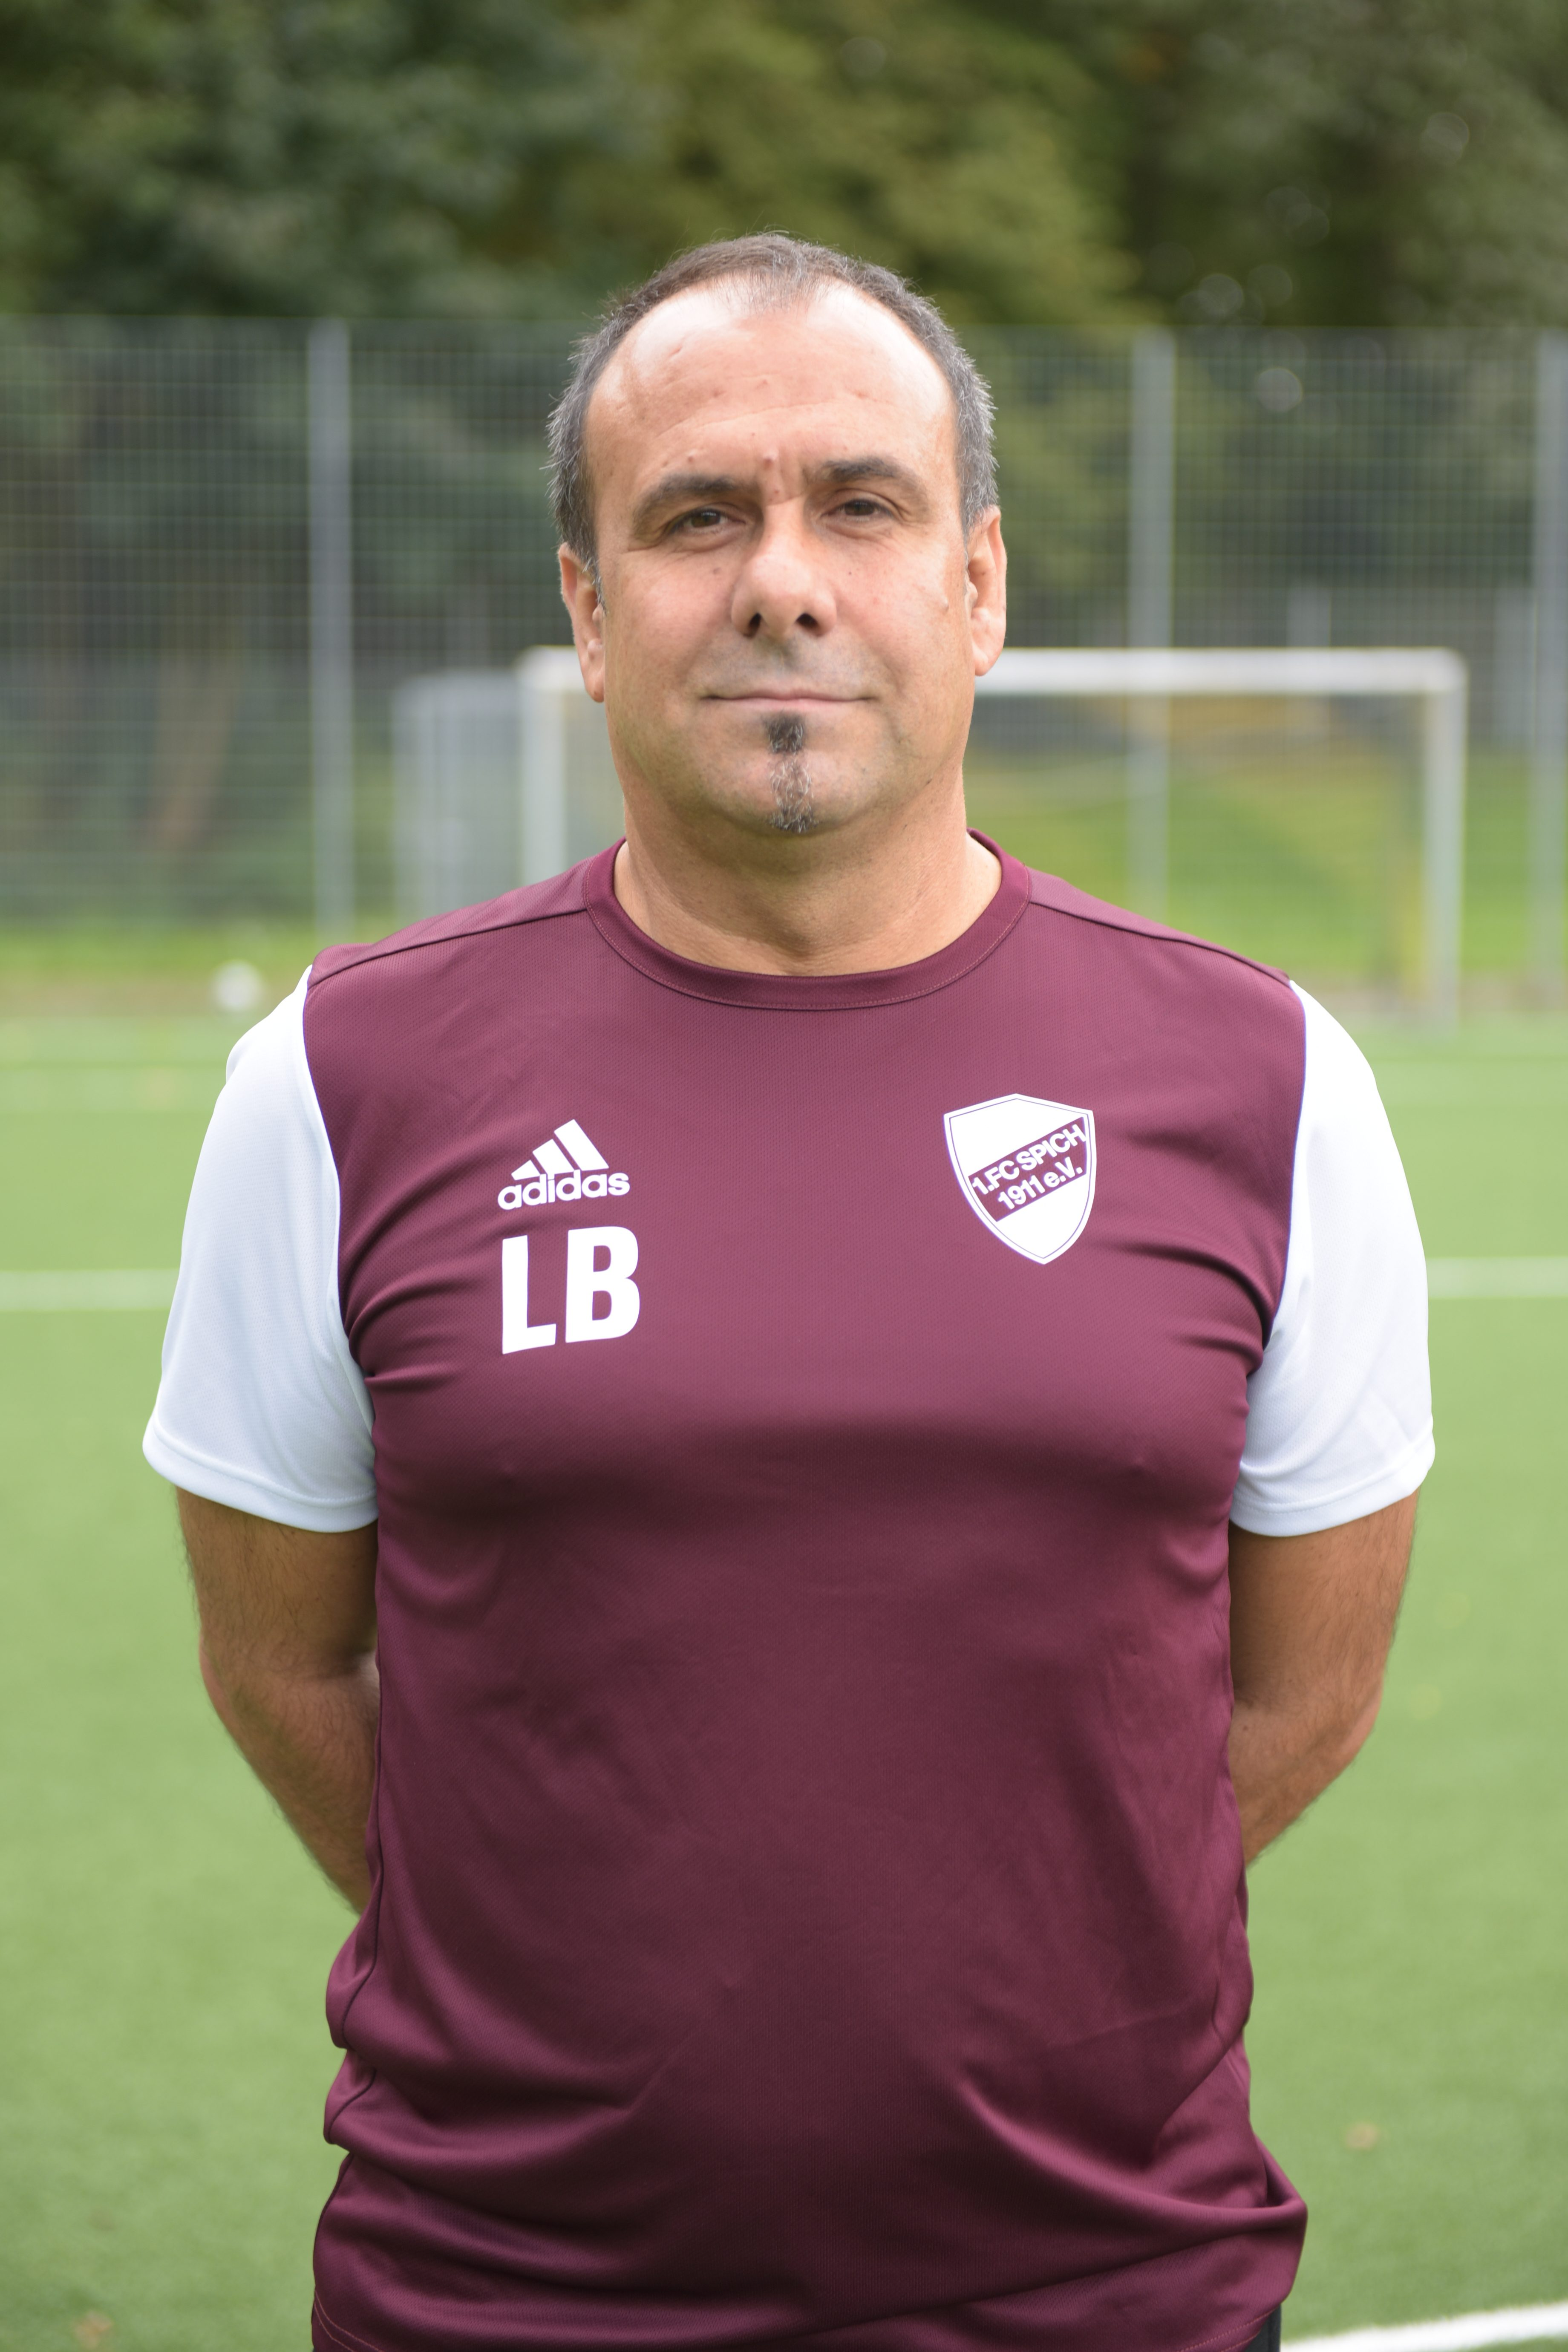 Lucio Blasi